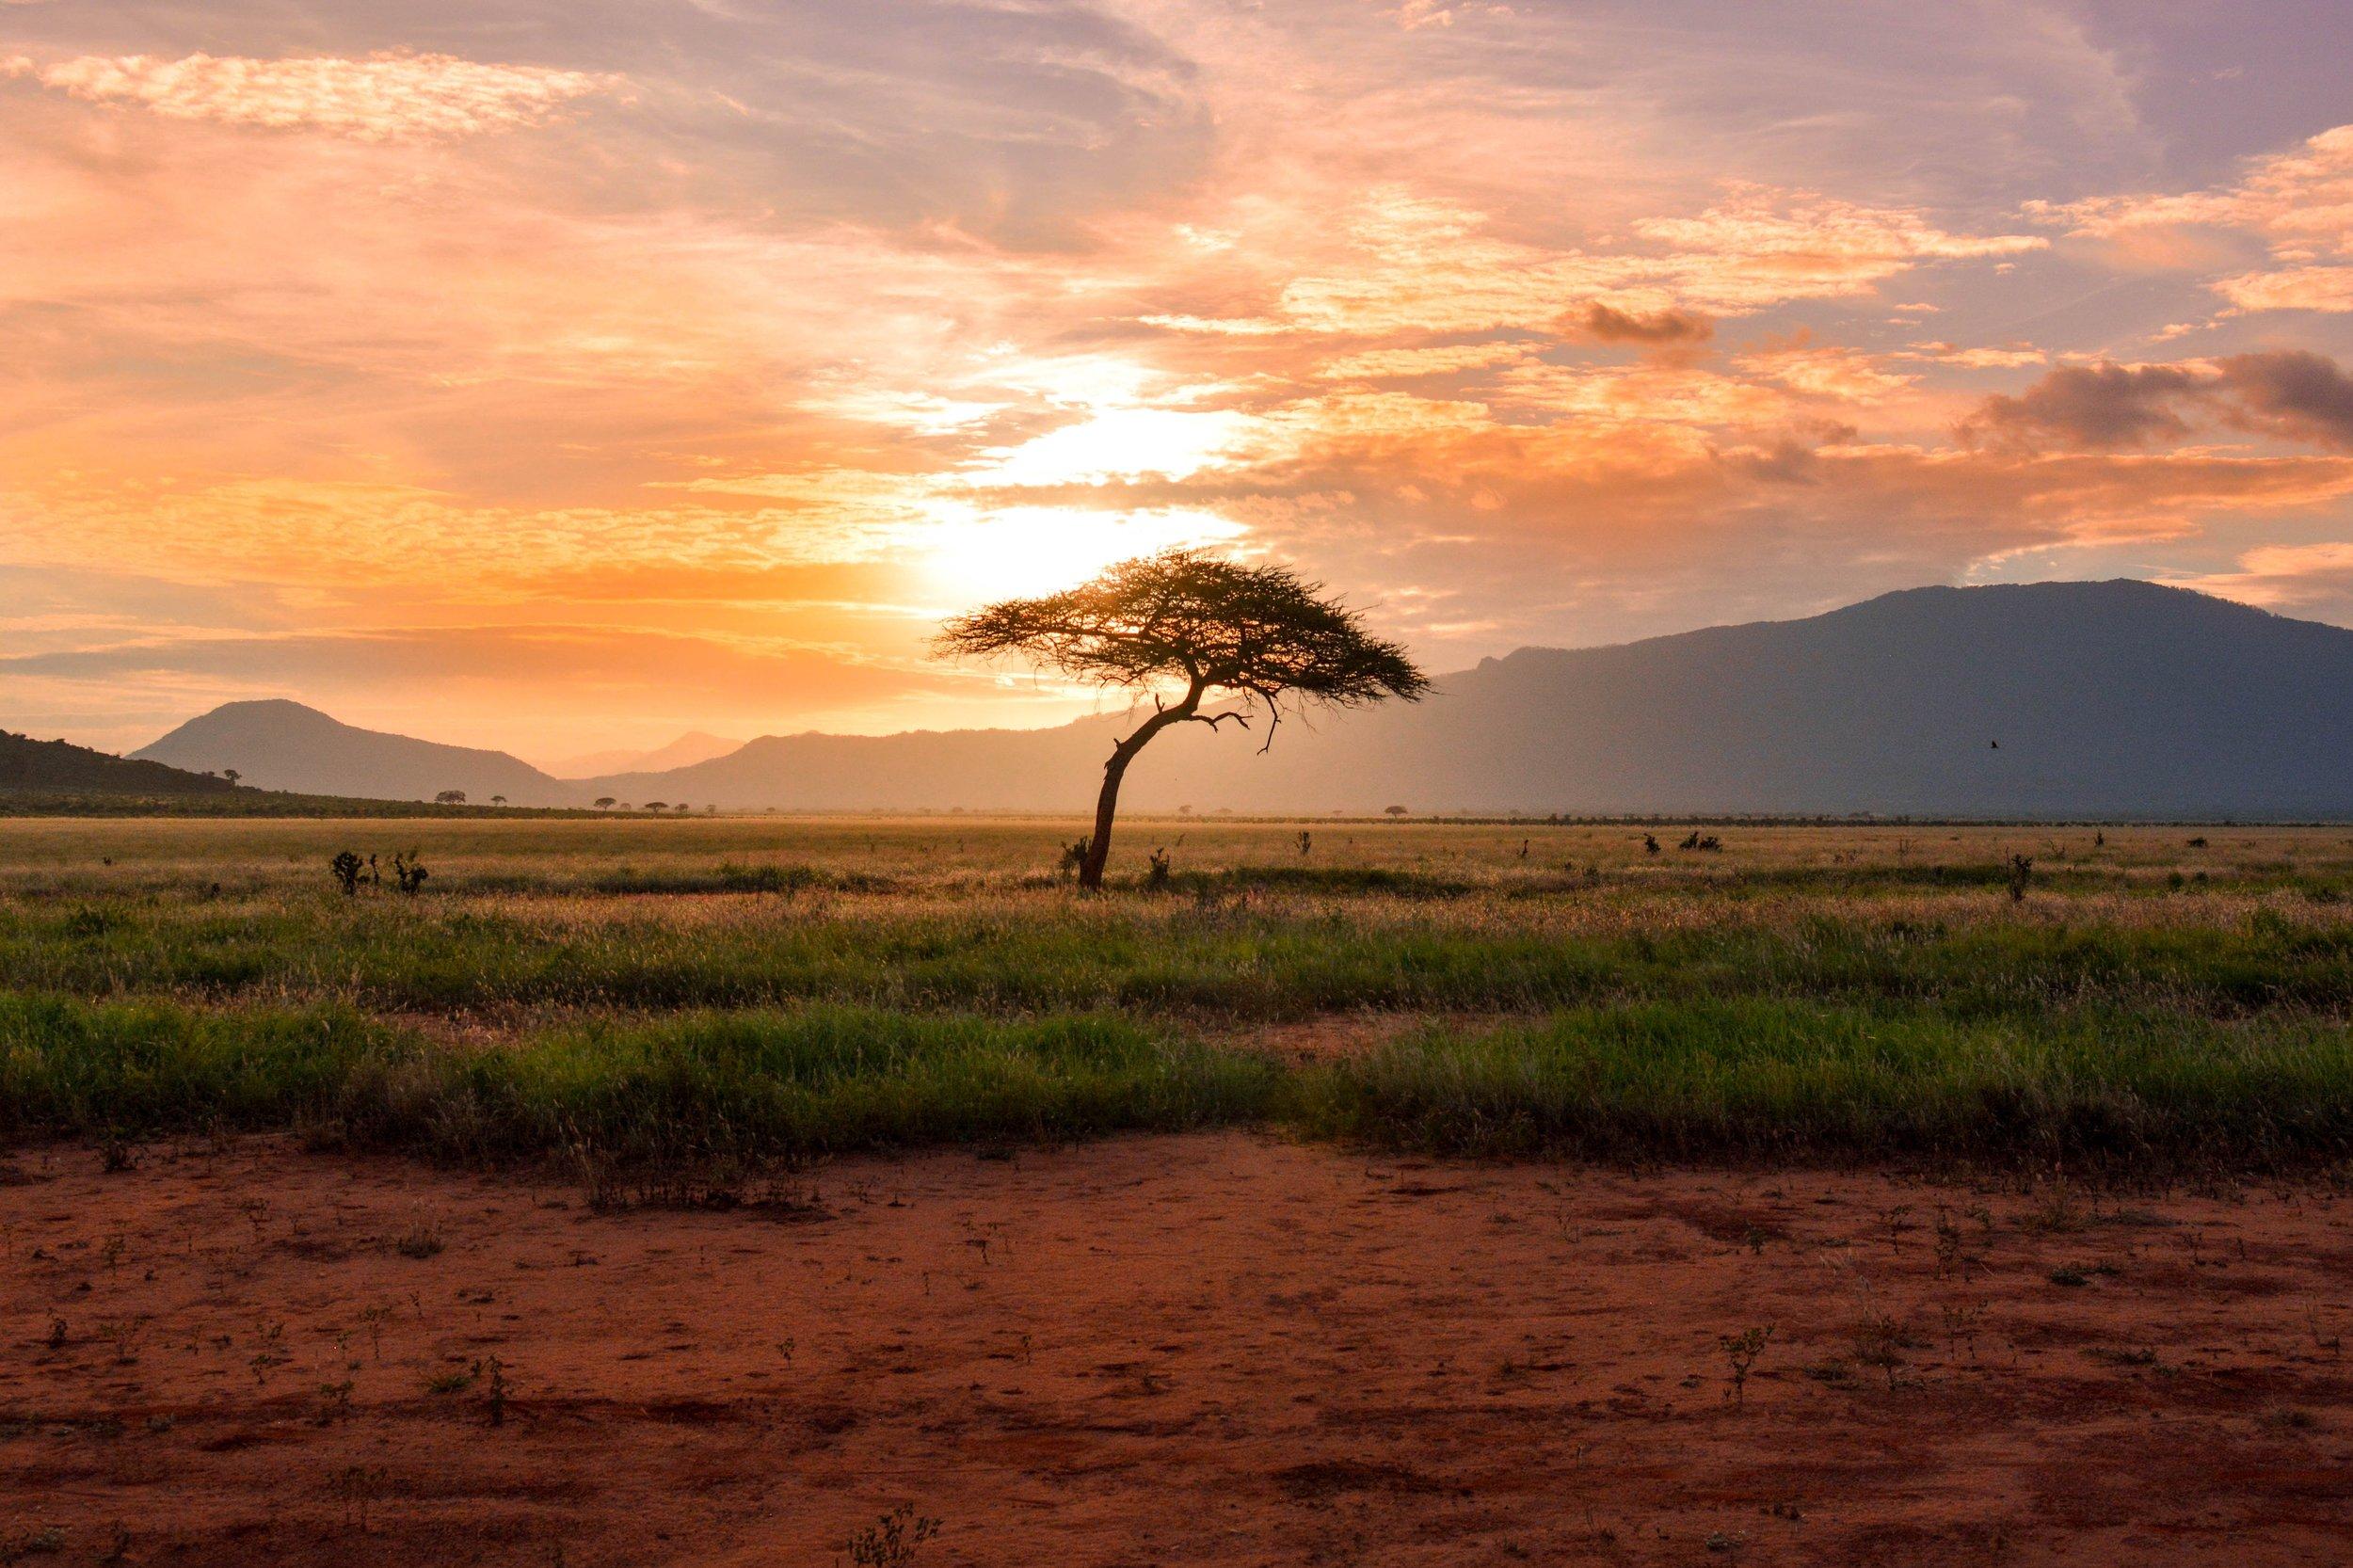 retreats in africa